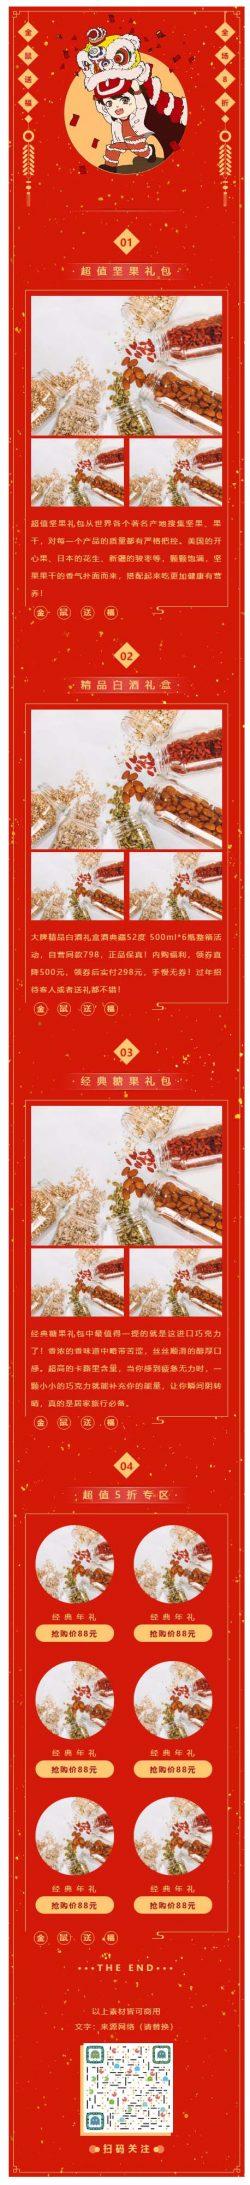 鼠年红色动态背景新春新年春节微信公众平台模板微信推送图文素材